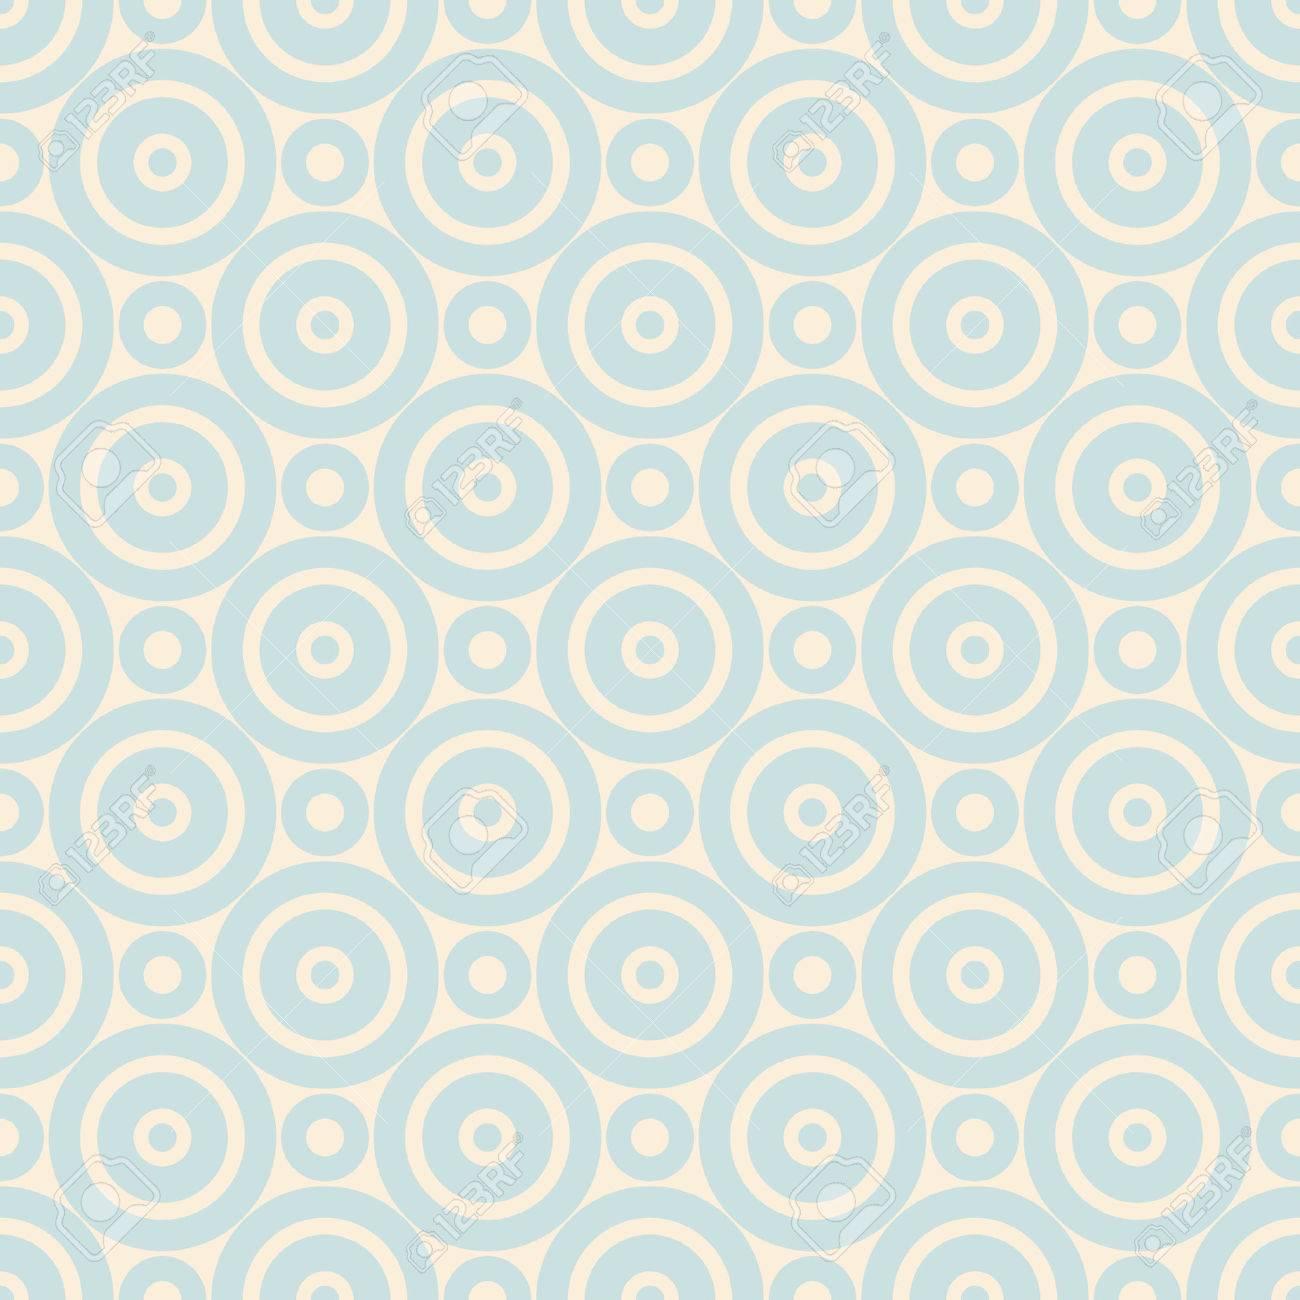 Pastel Retro Vecteur Seamless Pattern Sans Fin Texture Peut Etre